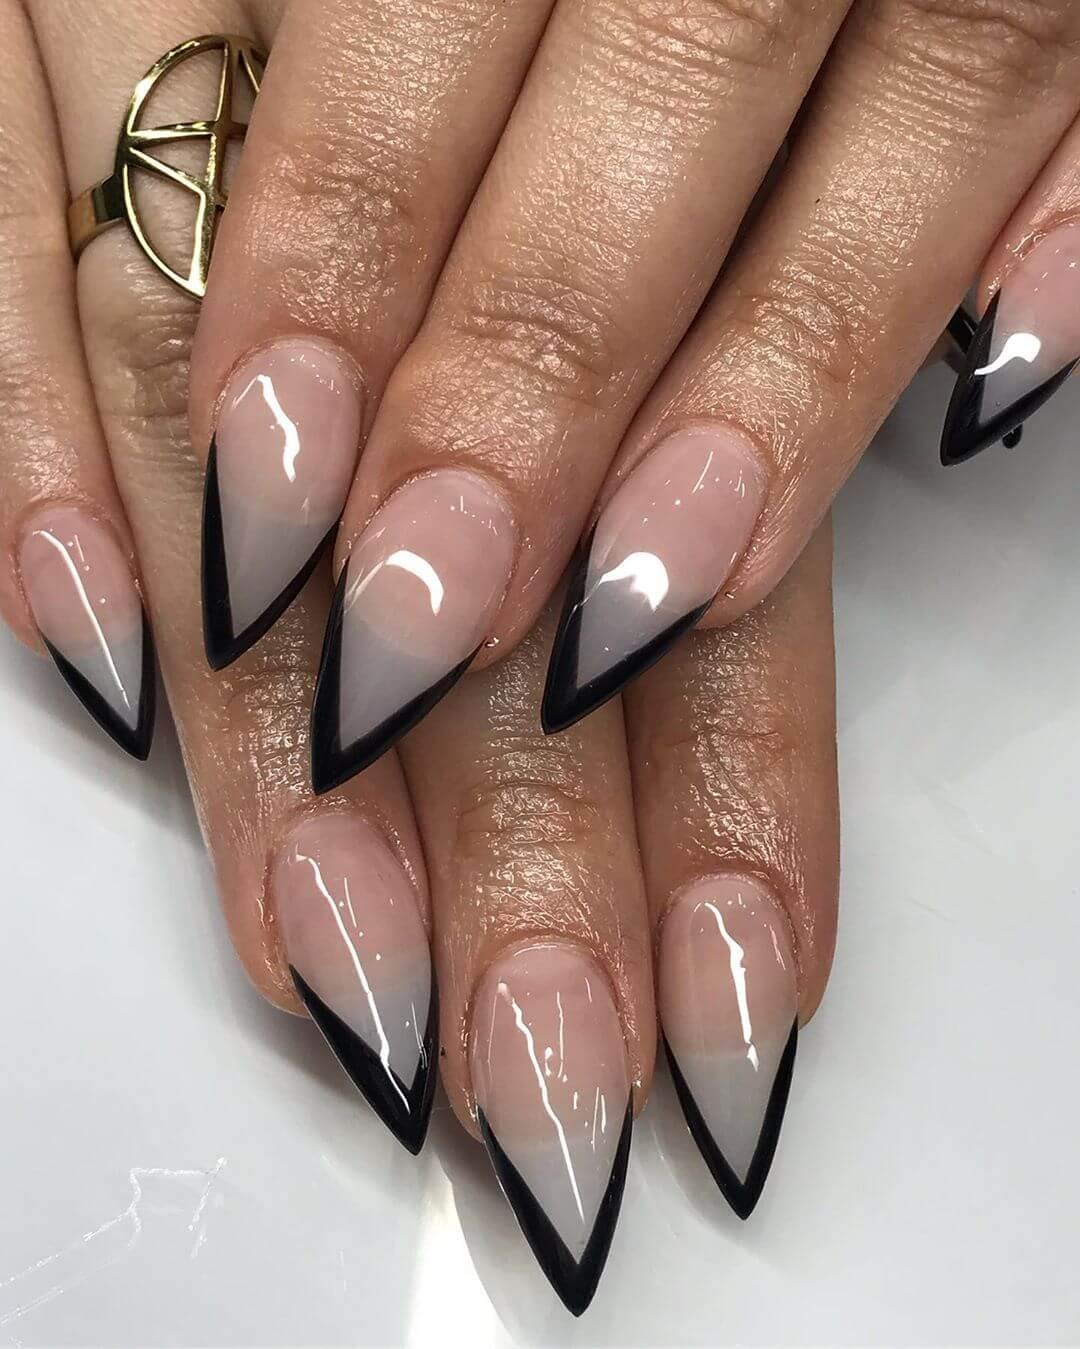 Pour les ongles de stiletto